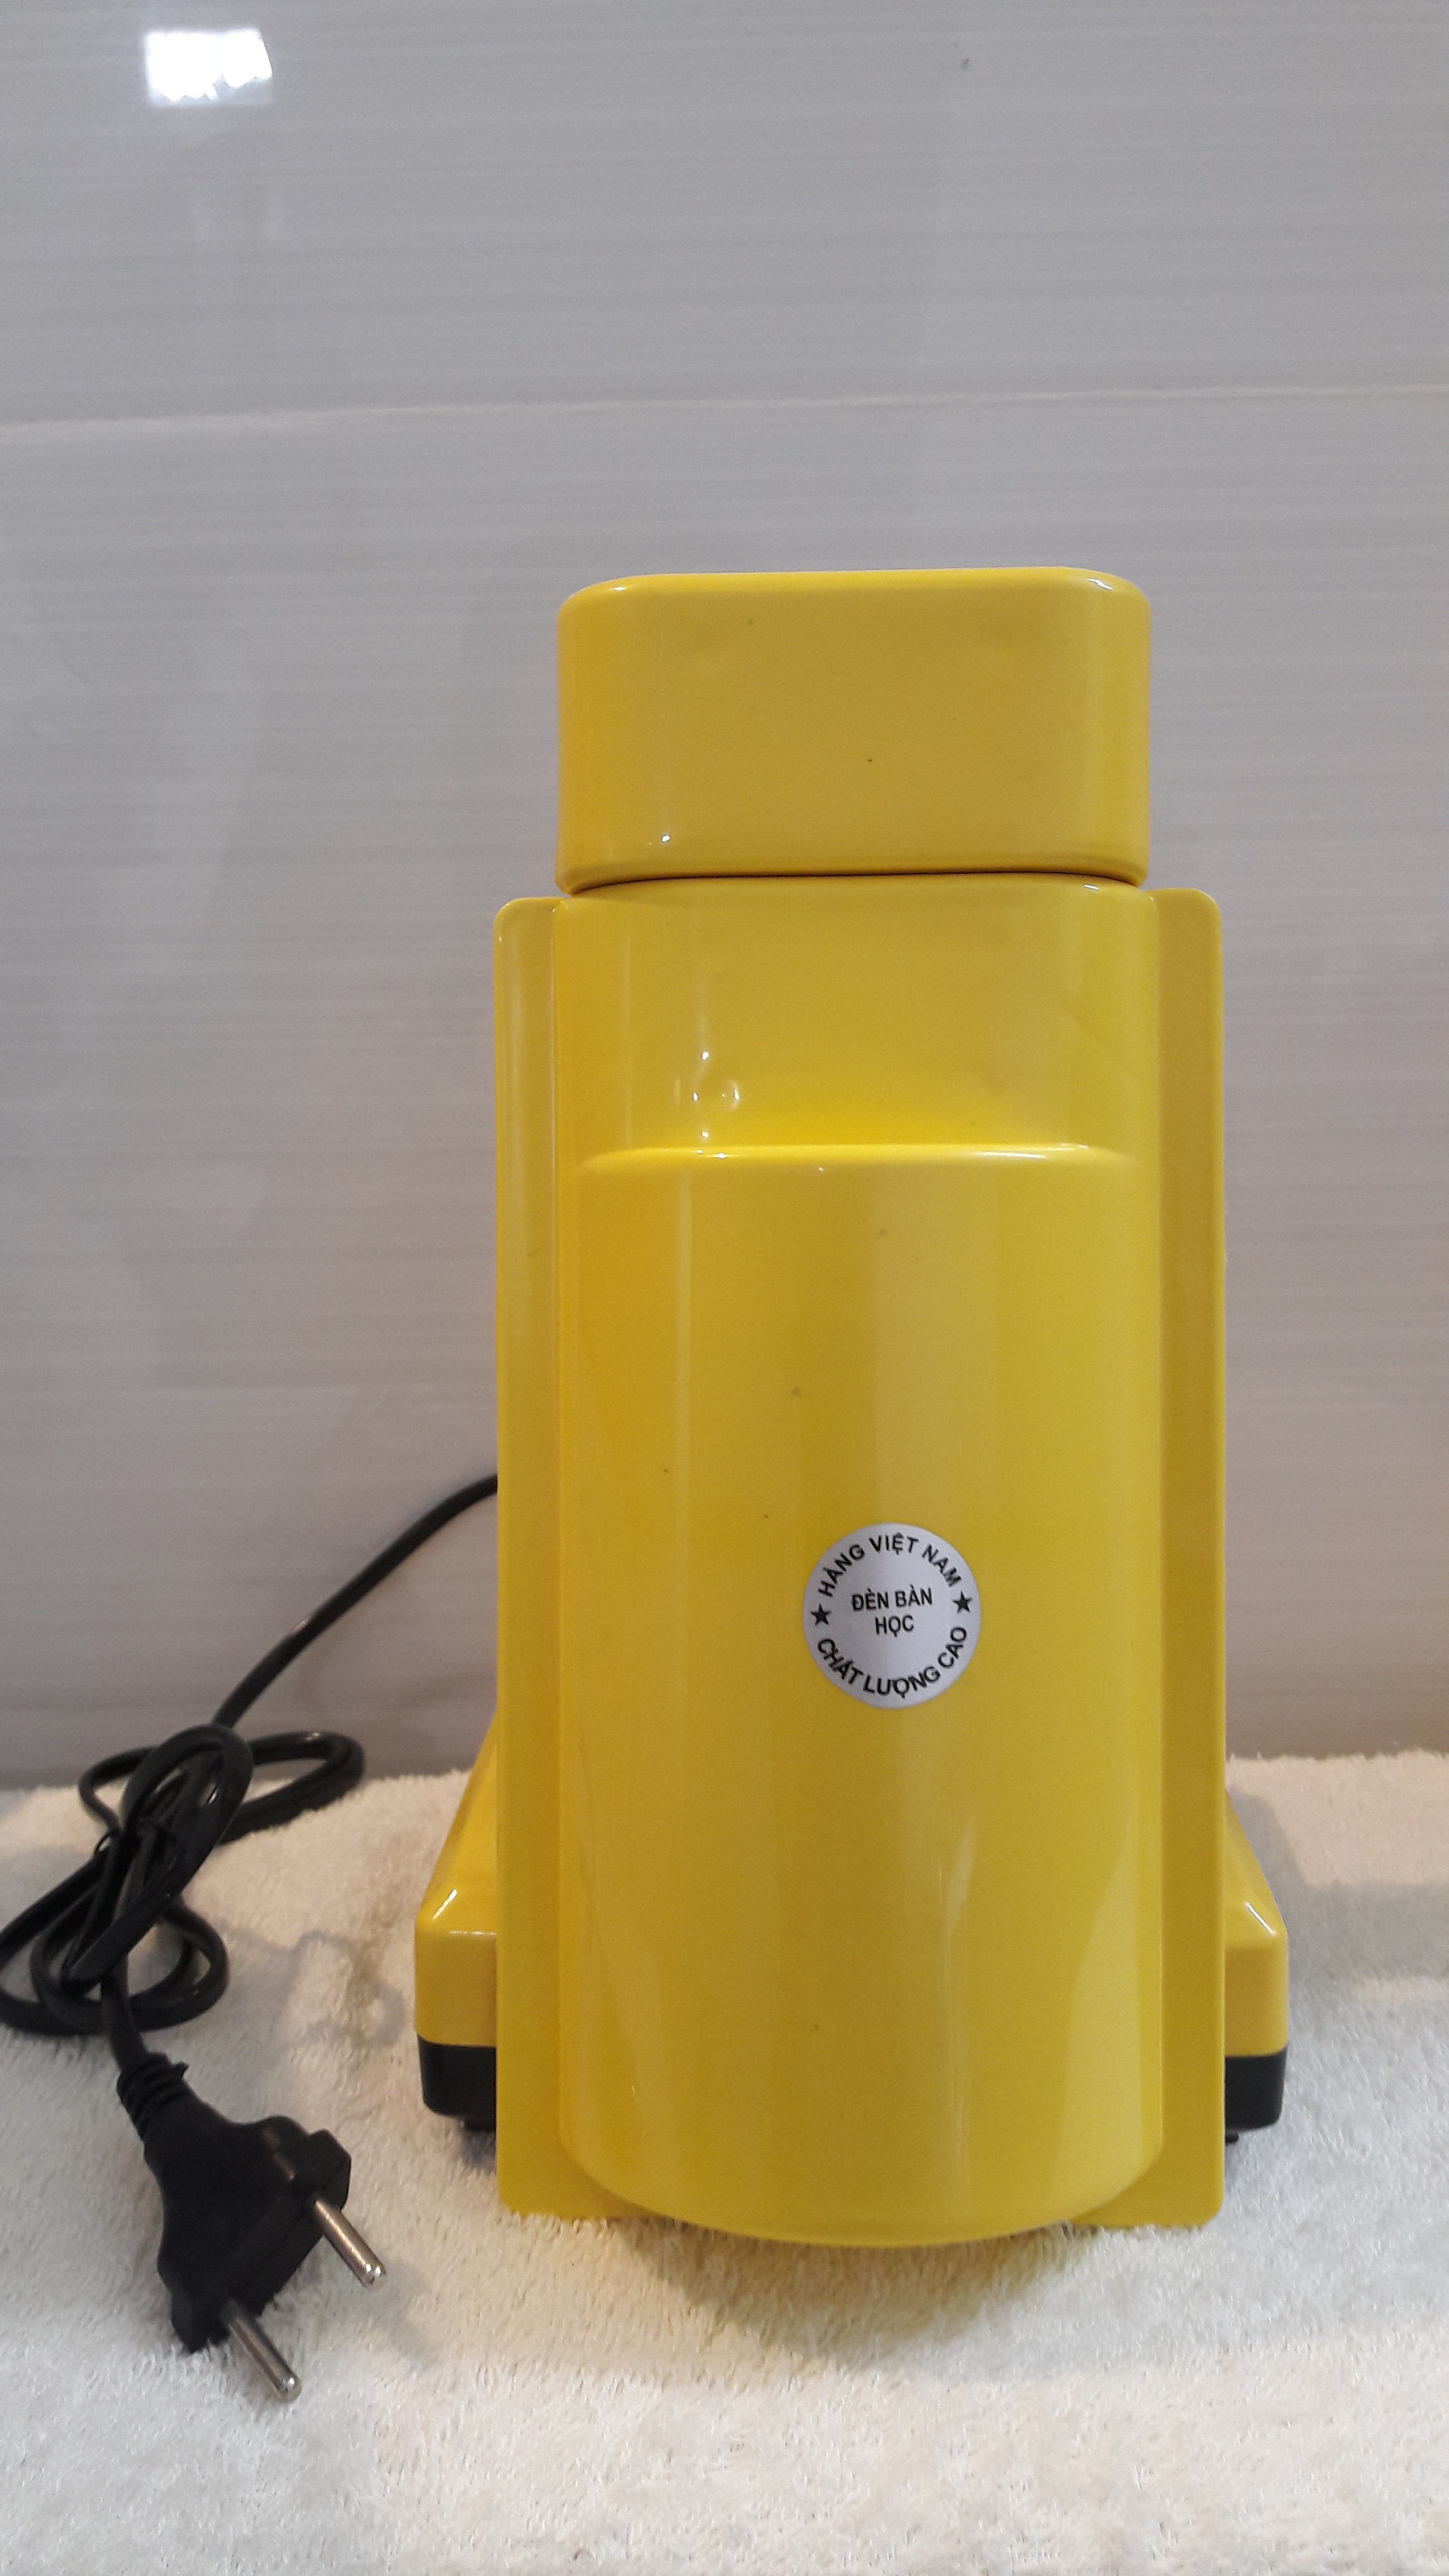 Combo Đèn bàn học Việt Nam/Đèn bàn học đế vuông và bóng compact Điện Quang 14W